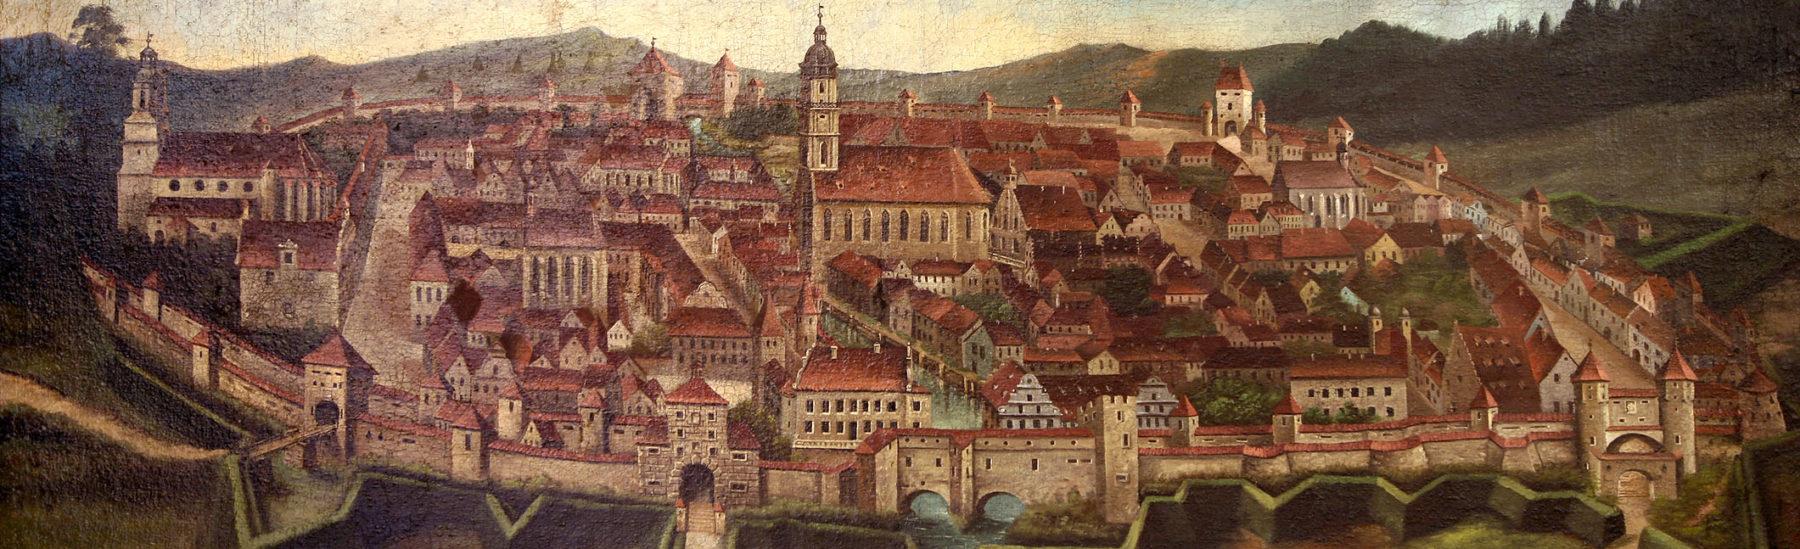 Stadtwache Amberg 1995 e.V.